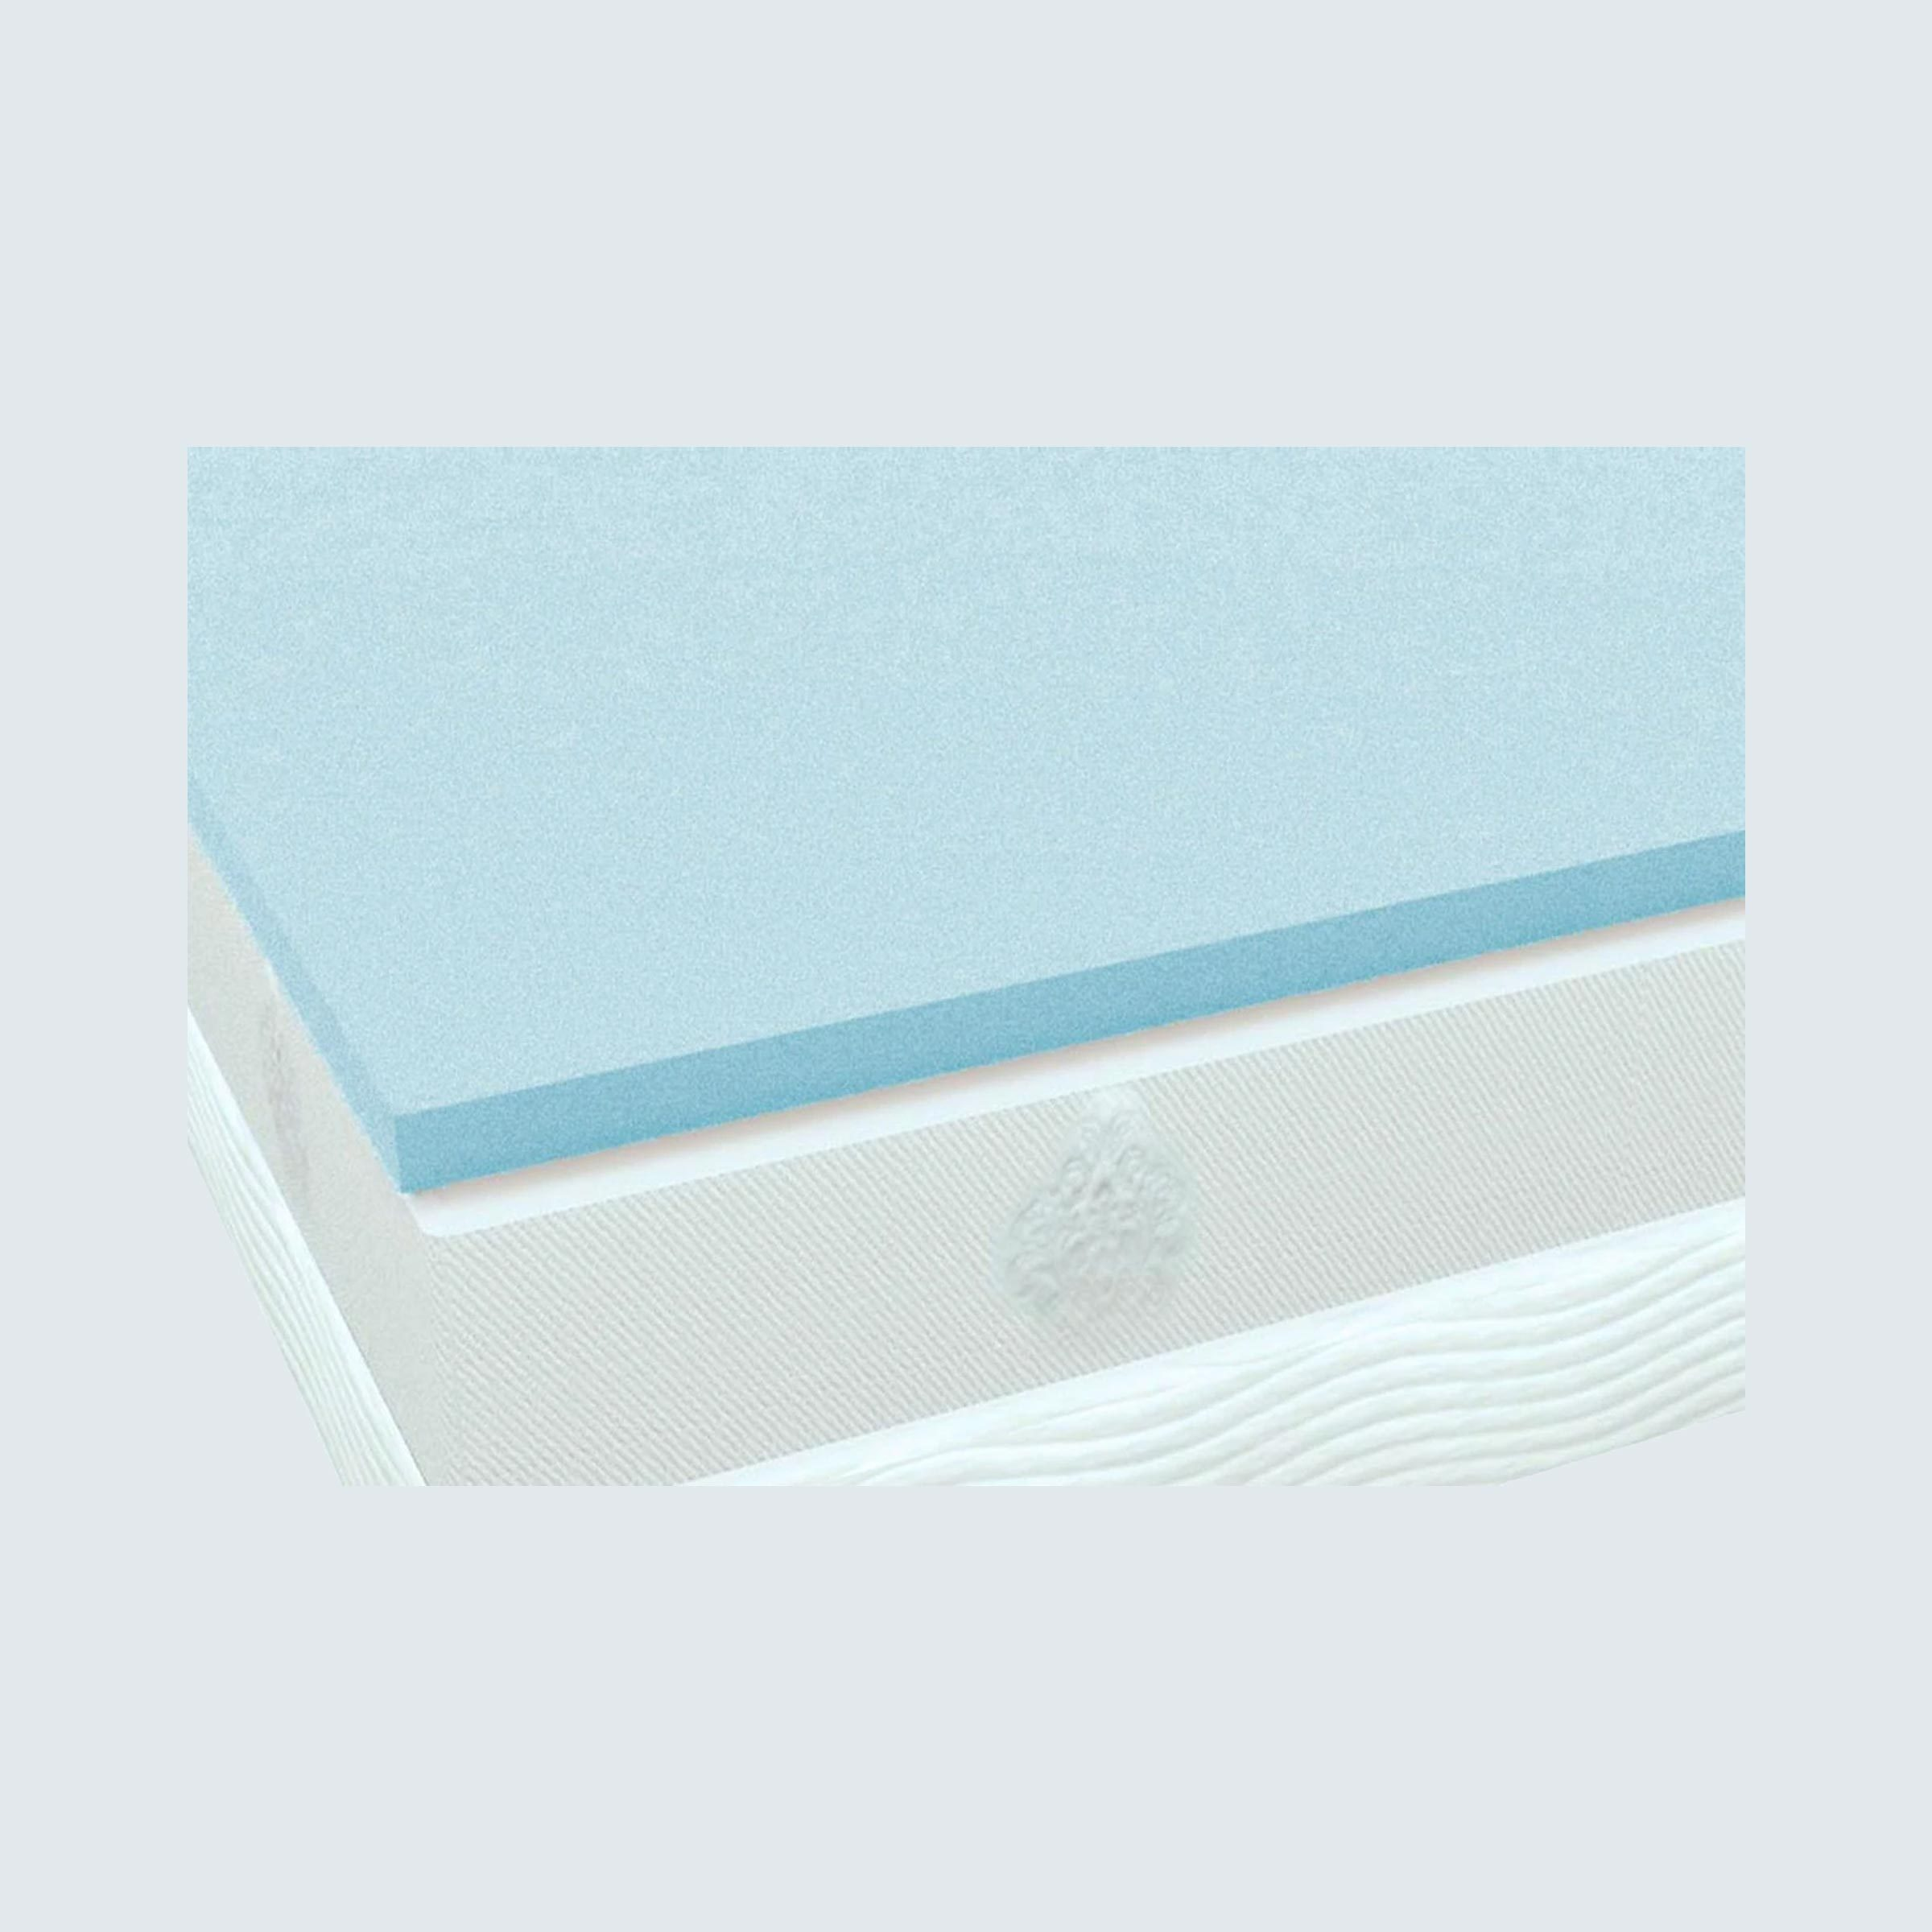 PlushBedsCool Bliss Gel Memory Foam Mattress Topper - Queen Size